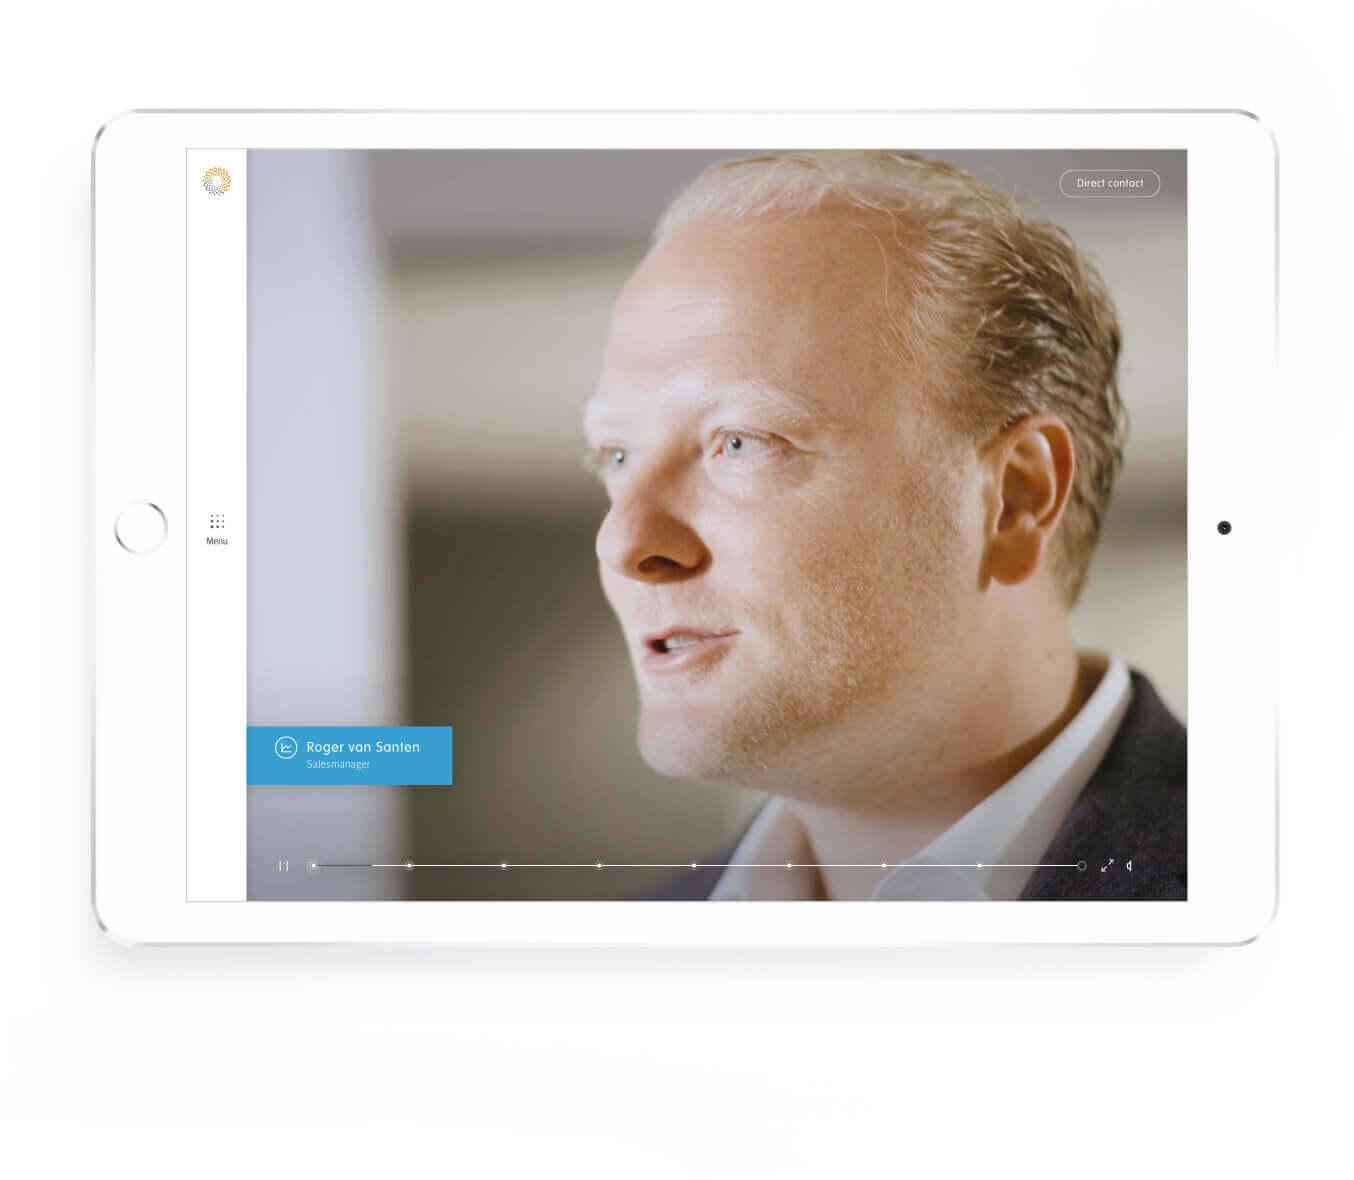 Detron introductie van mannelijke werknemer scherm op tablet